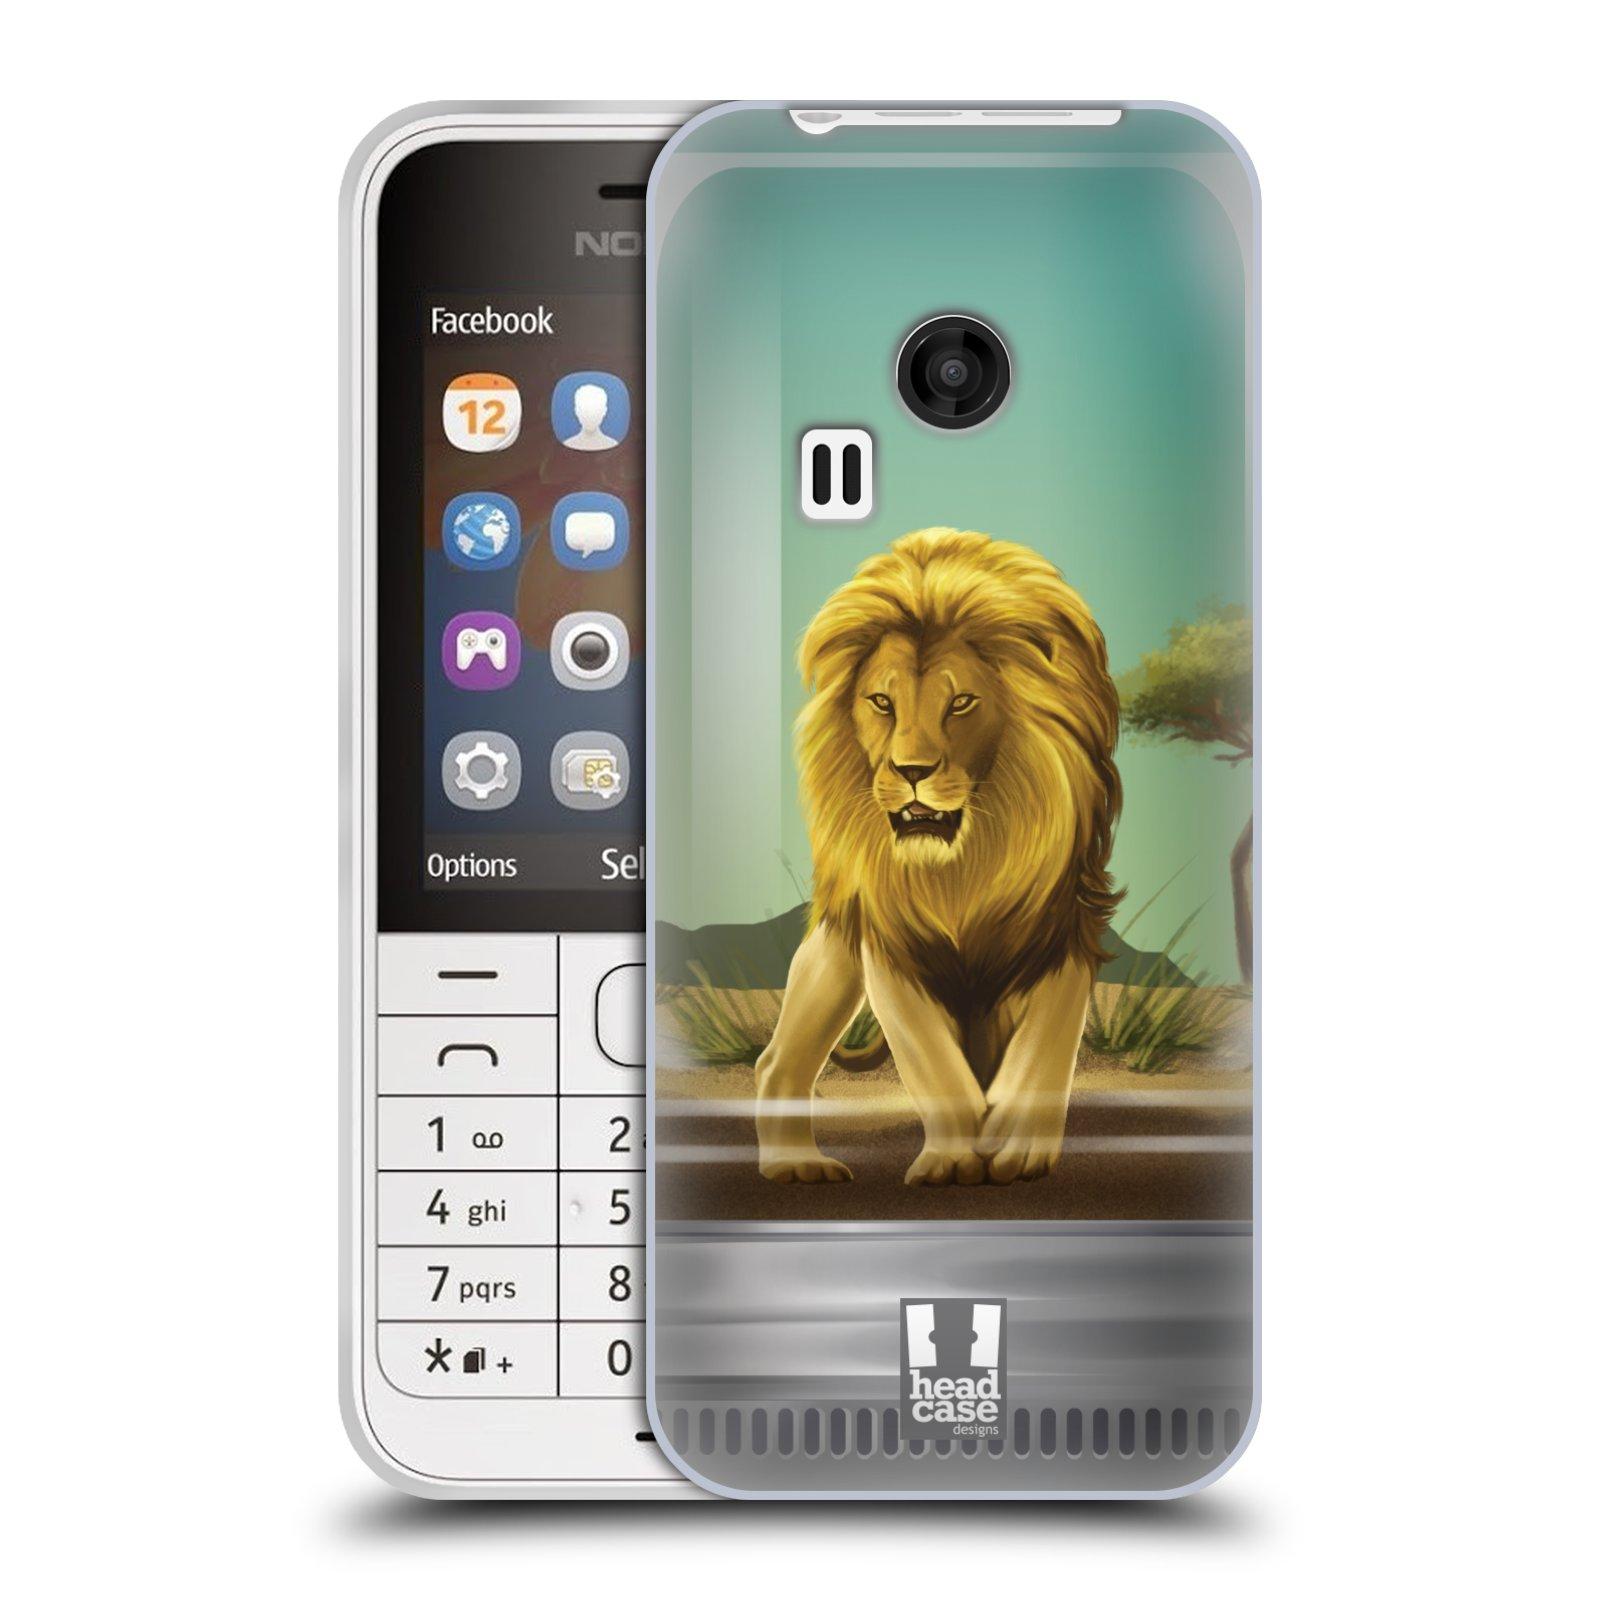 HEAD CASE silikonový obal na mobil NOKIA 220 / NOKIA 220 DUAL SIM vzor Zvířátka v těžítku lev